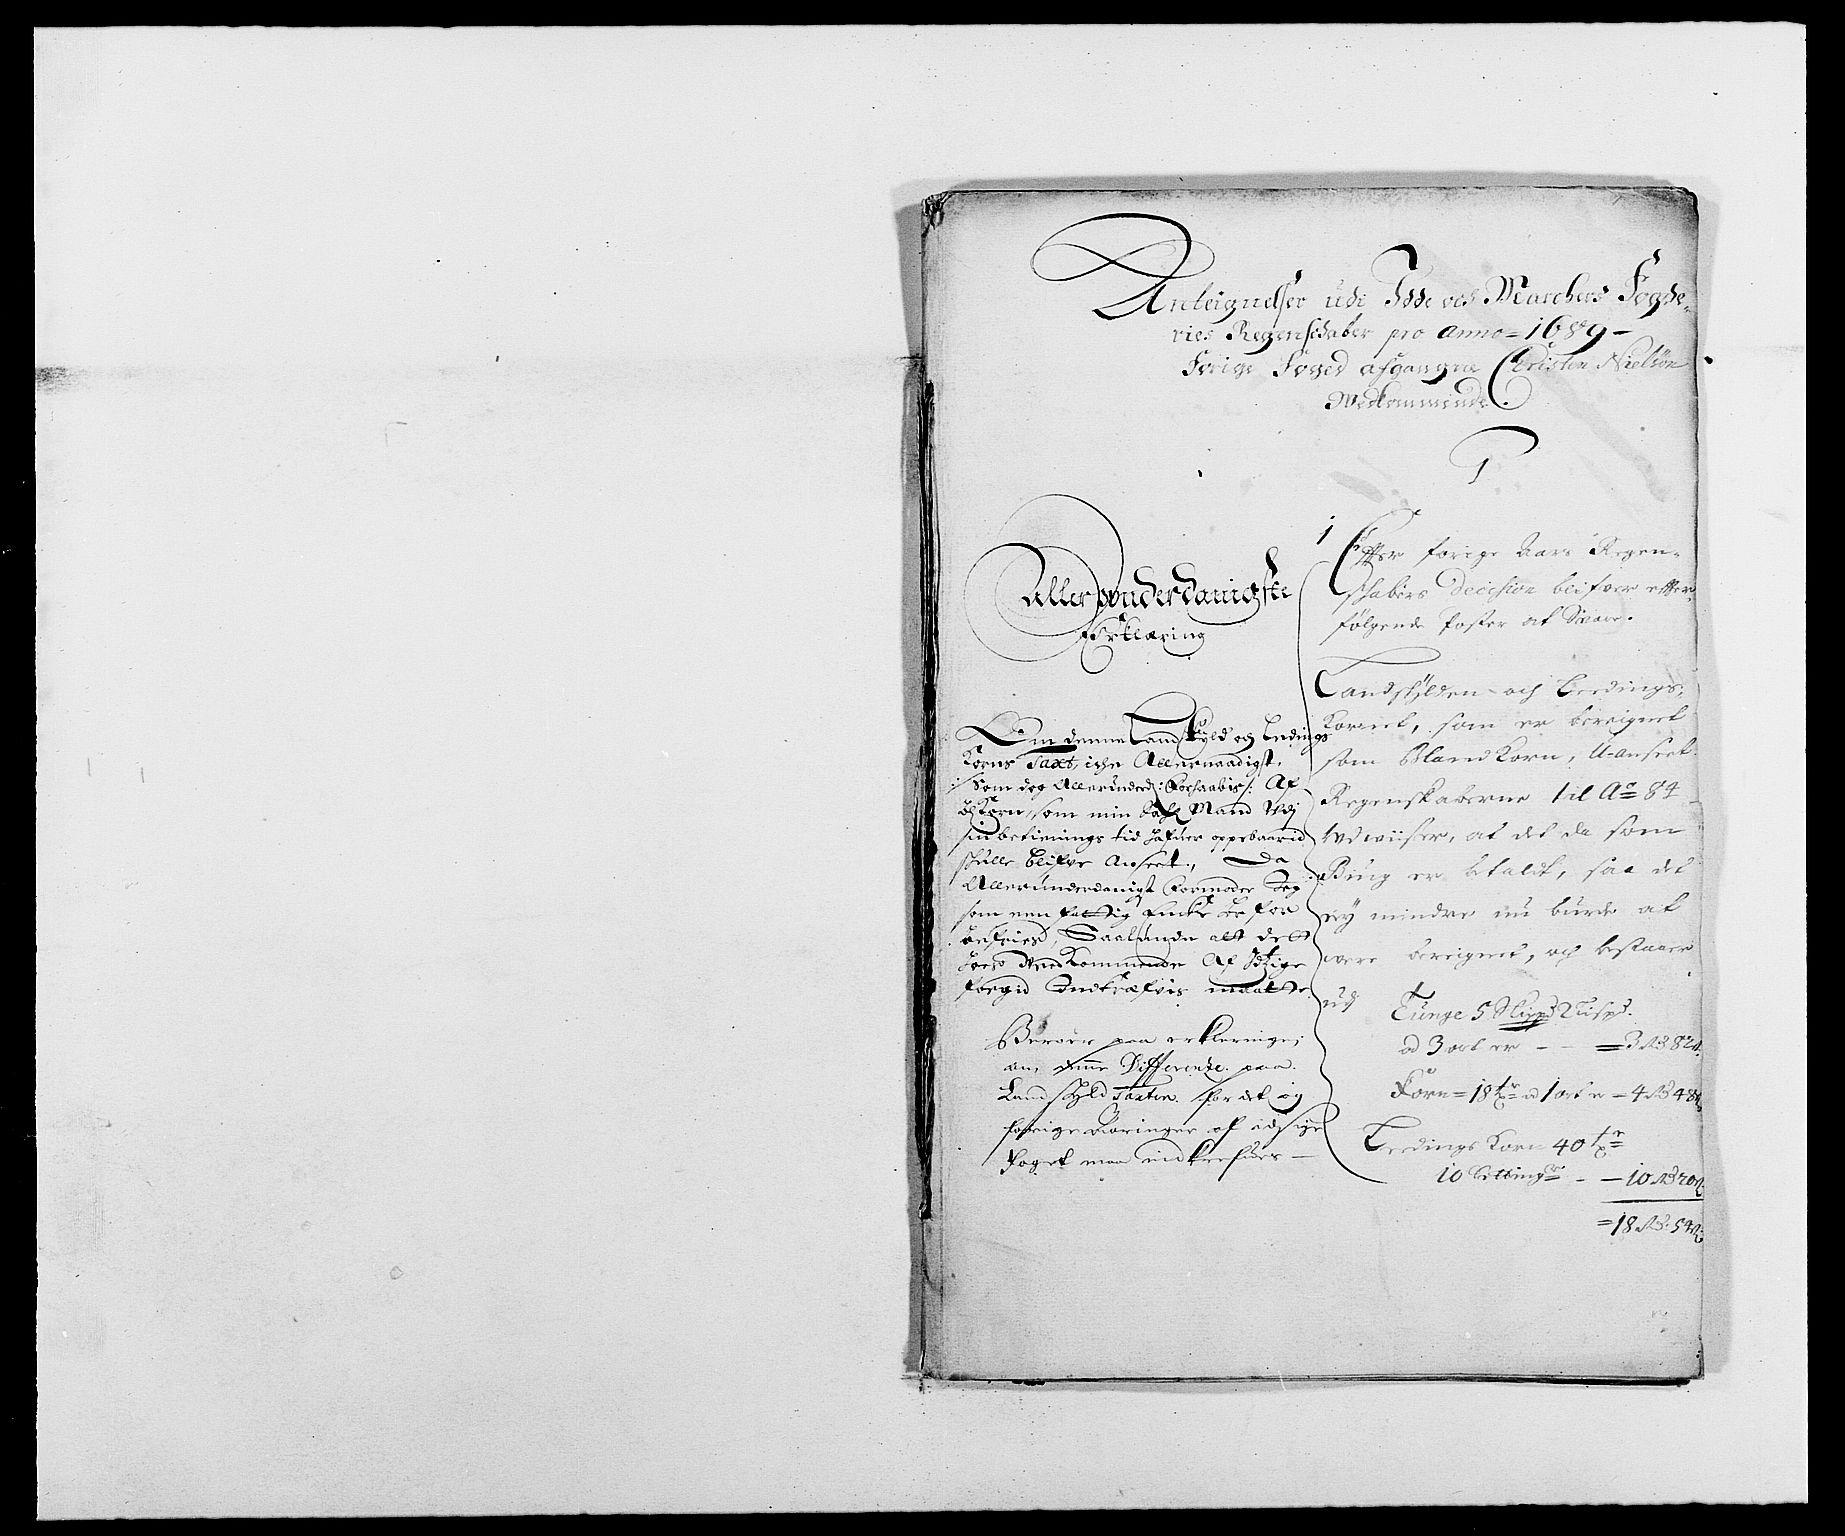 RA, Rentekammeret inntil 1814, Reviderte regnskaper, Fogderegnskap, R01/L0008: Fogderegnskap Idd og Marker, 1689, s. 343